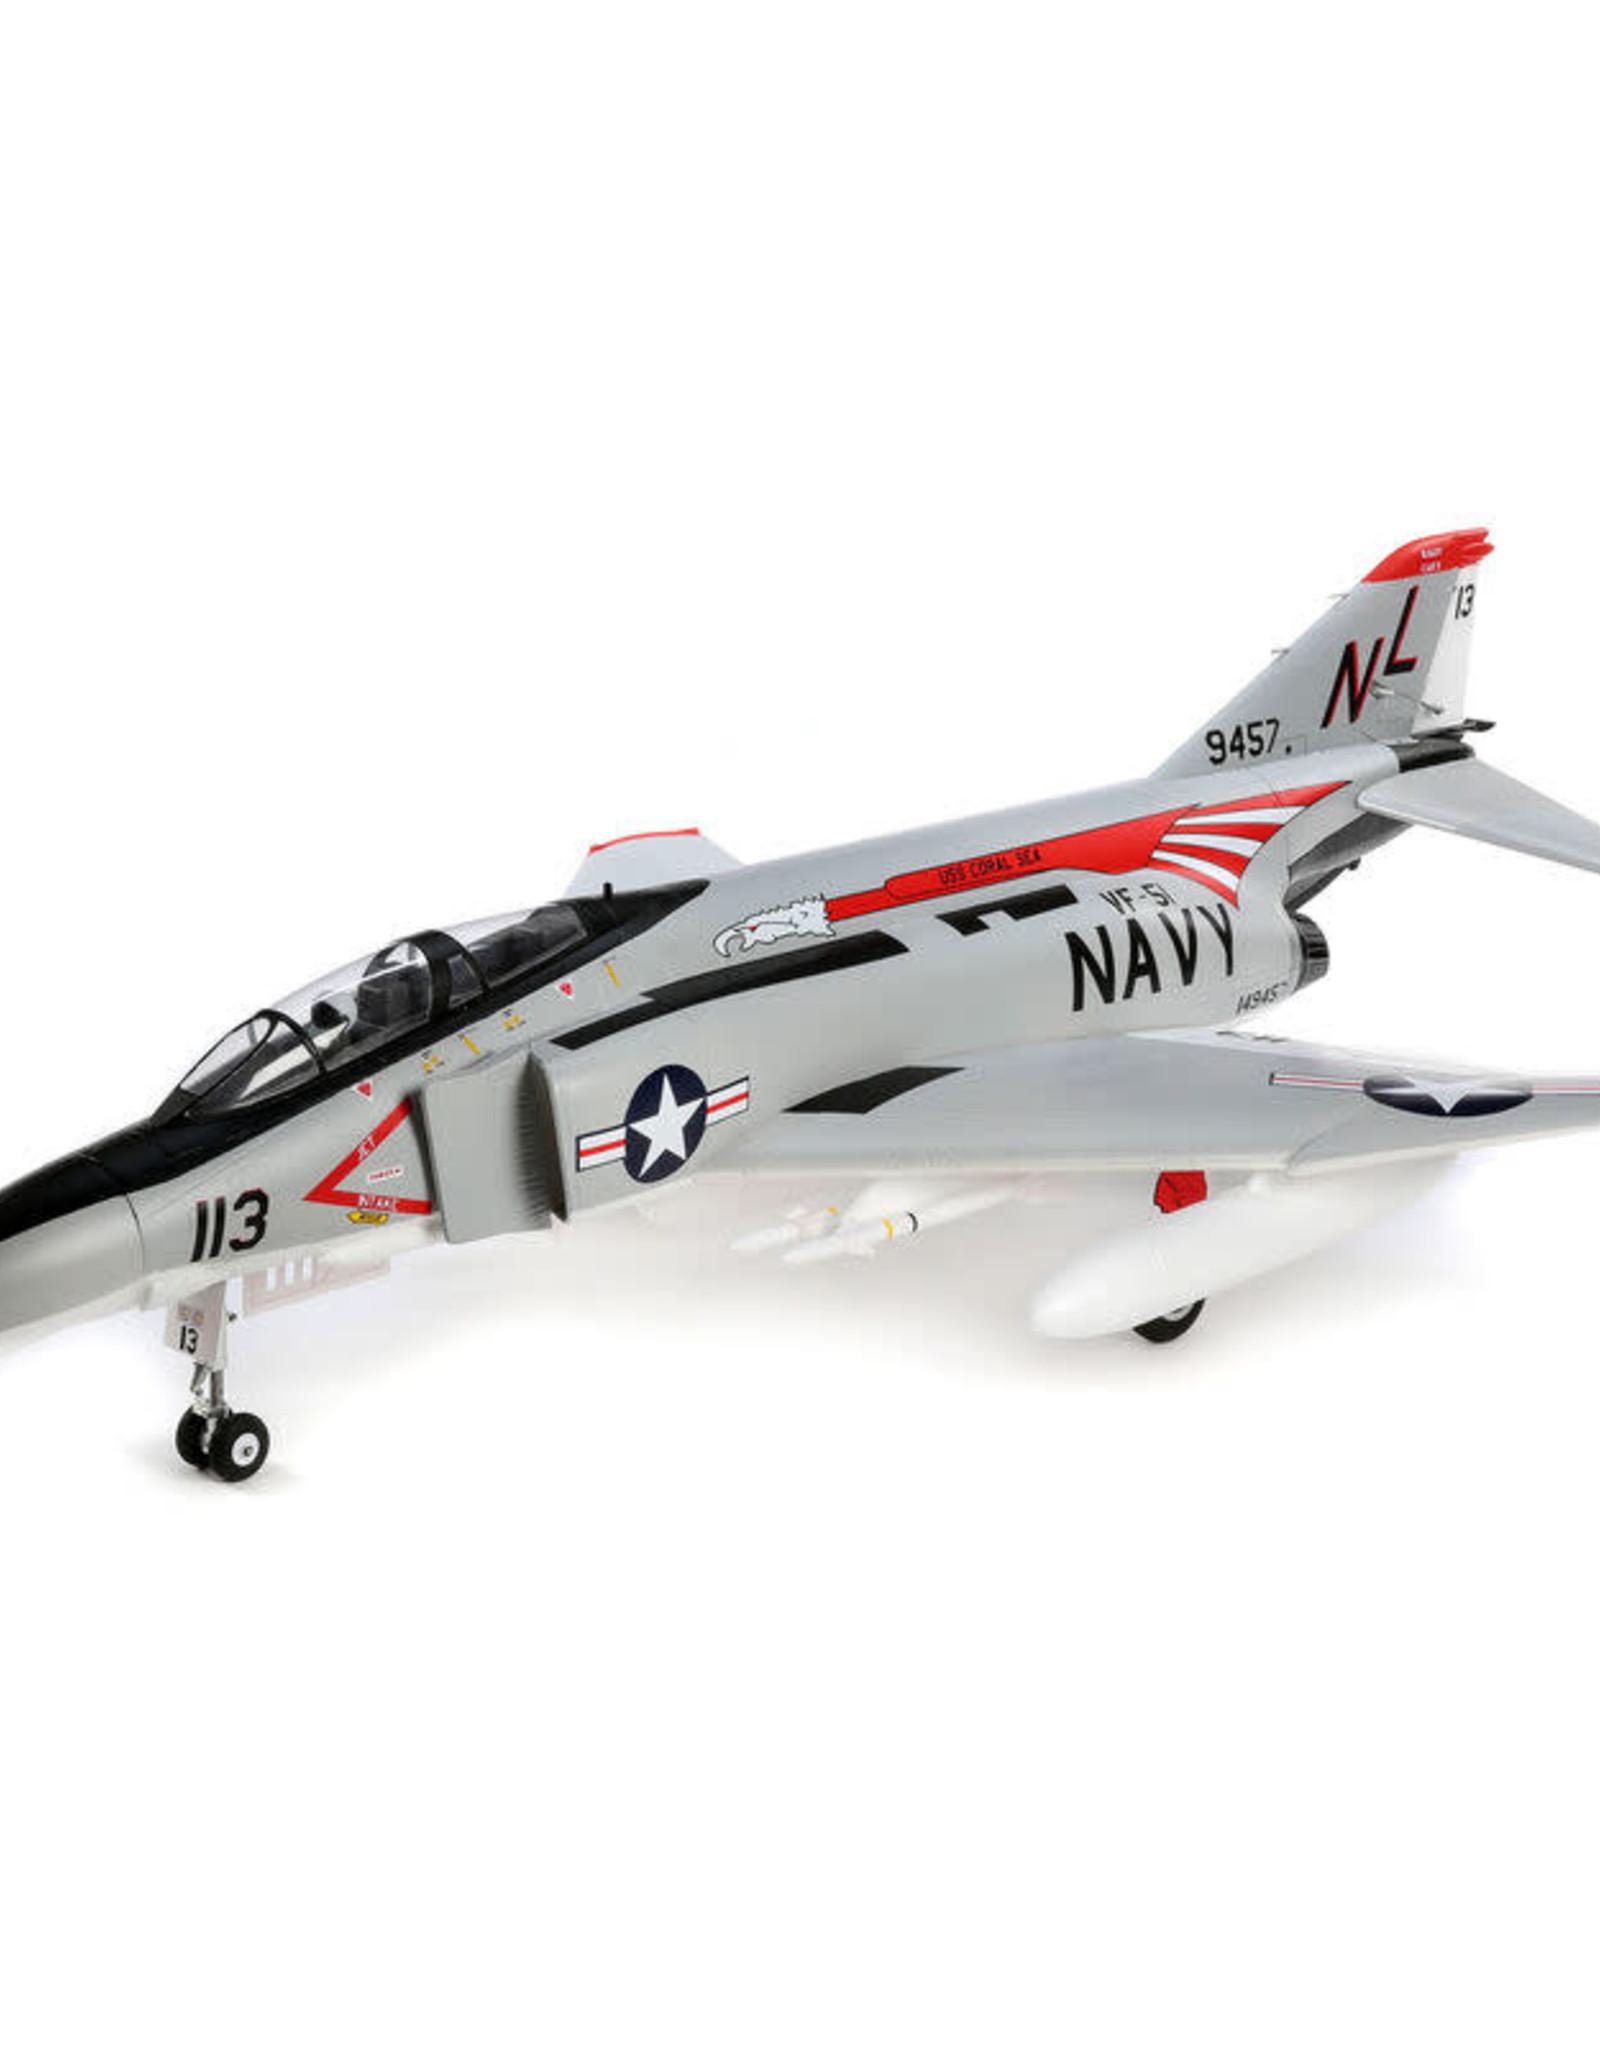 EFL EFL7975 F-4 Phantom II 80mm EDF PNP